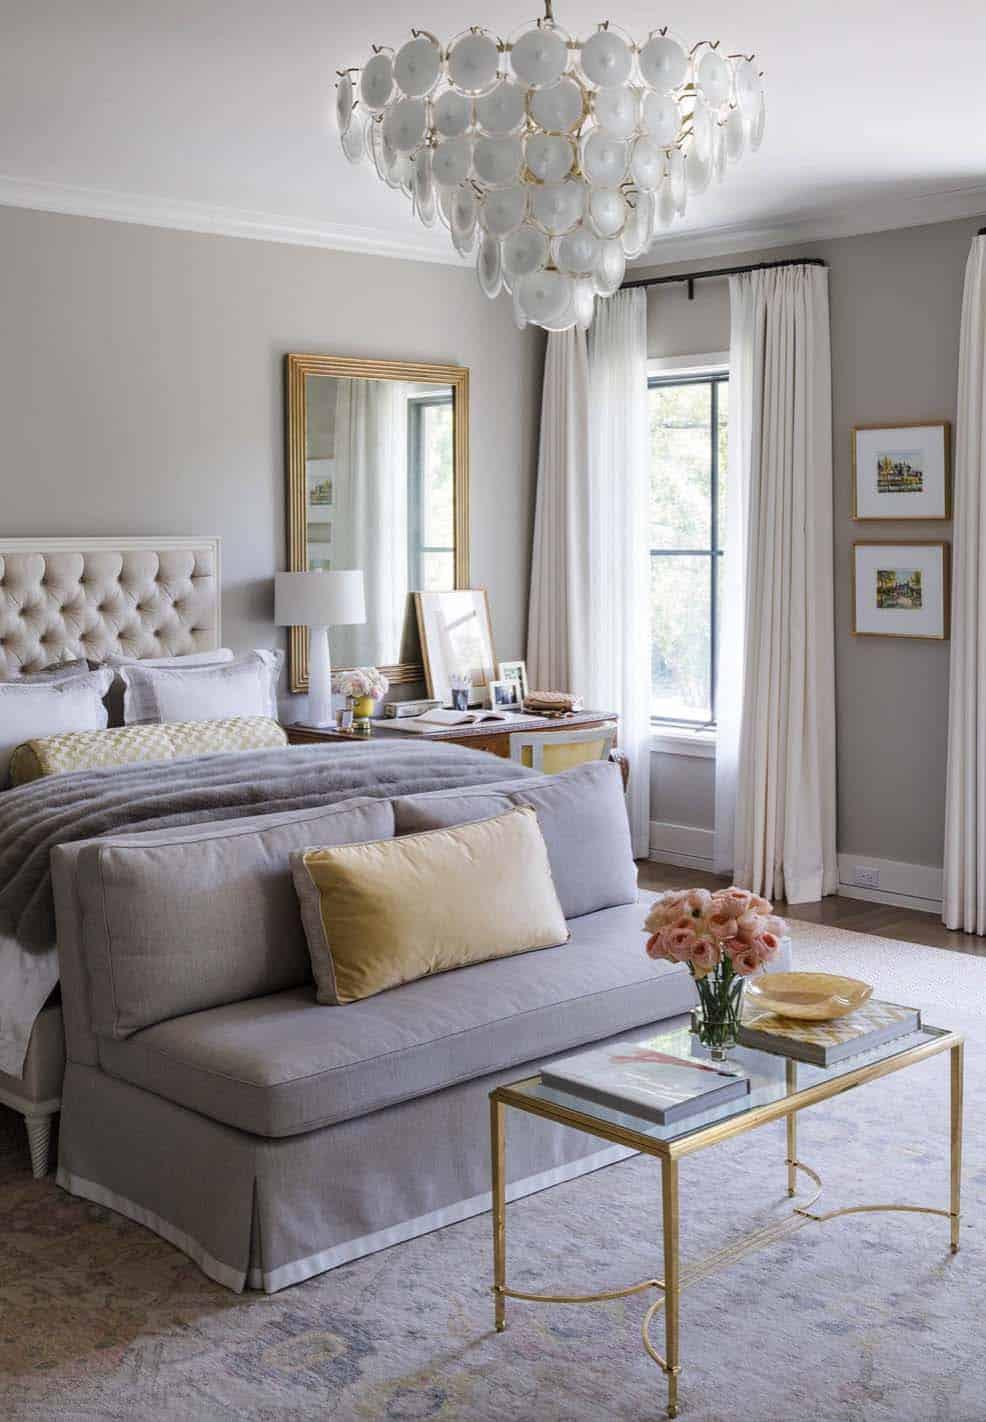 20+ Serene And Elegant Master Bedroom Decorating Ideas on Master Bedroom Curtains  id=25380